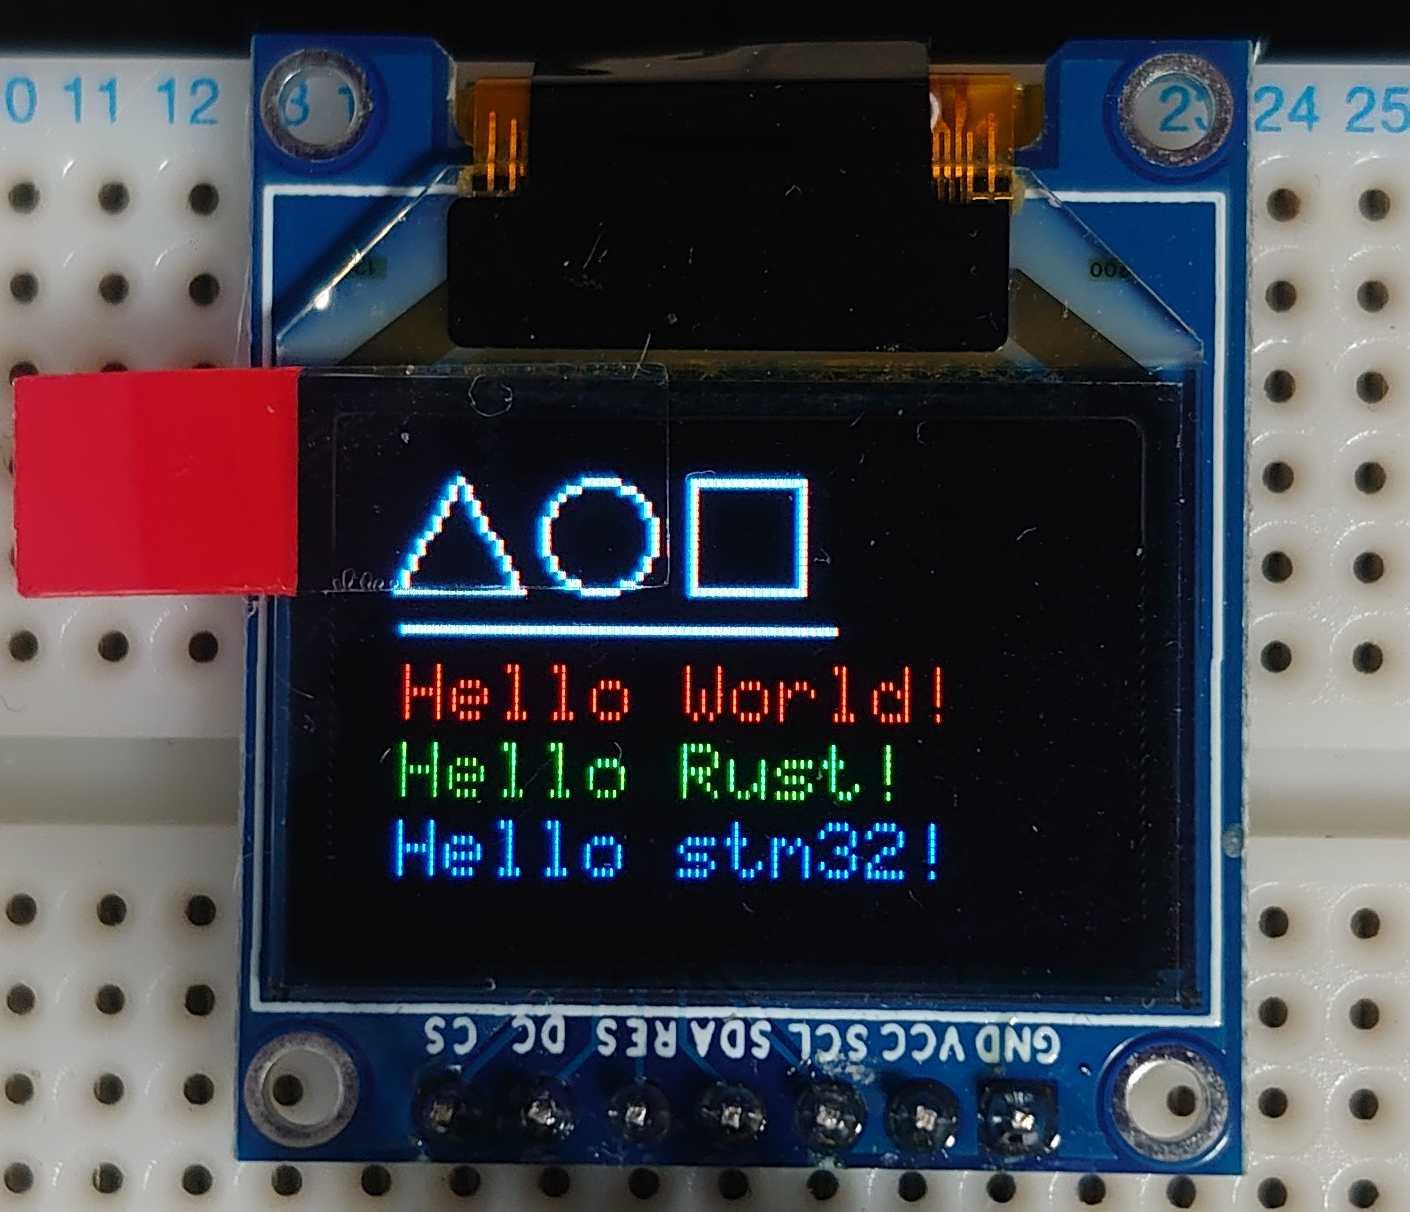 stm32とSPI接続のSSD1331搭載有機ELディスプレイでHello worldした。 cover image